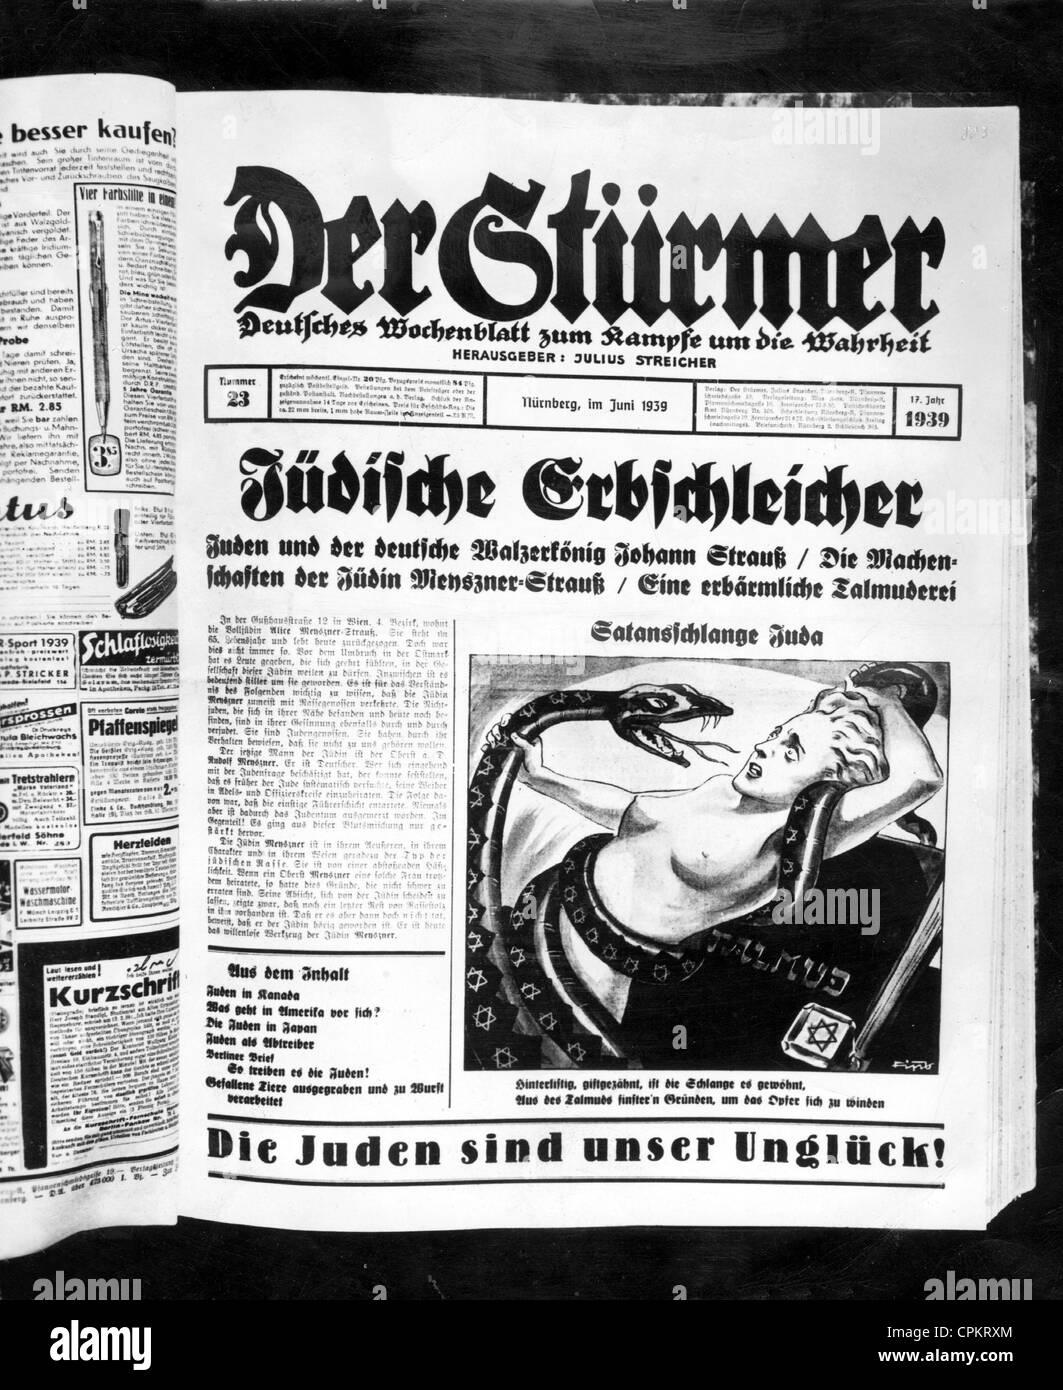 'Nazi' - 303 News Result(s)